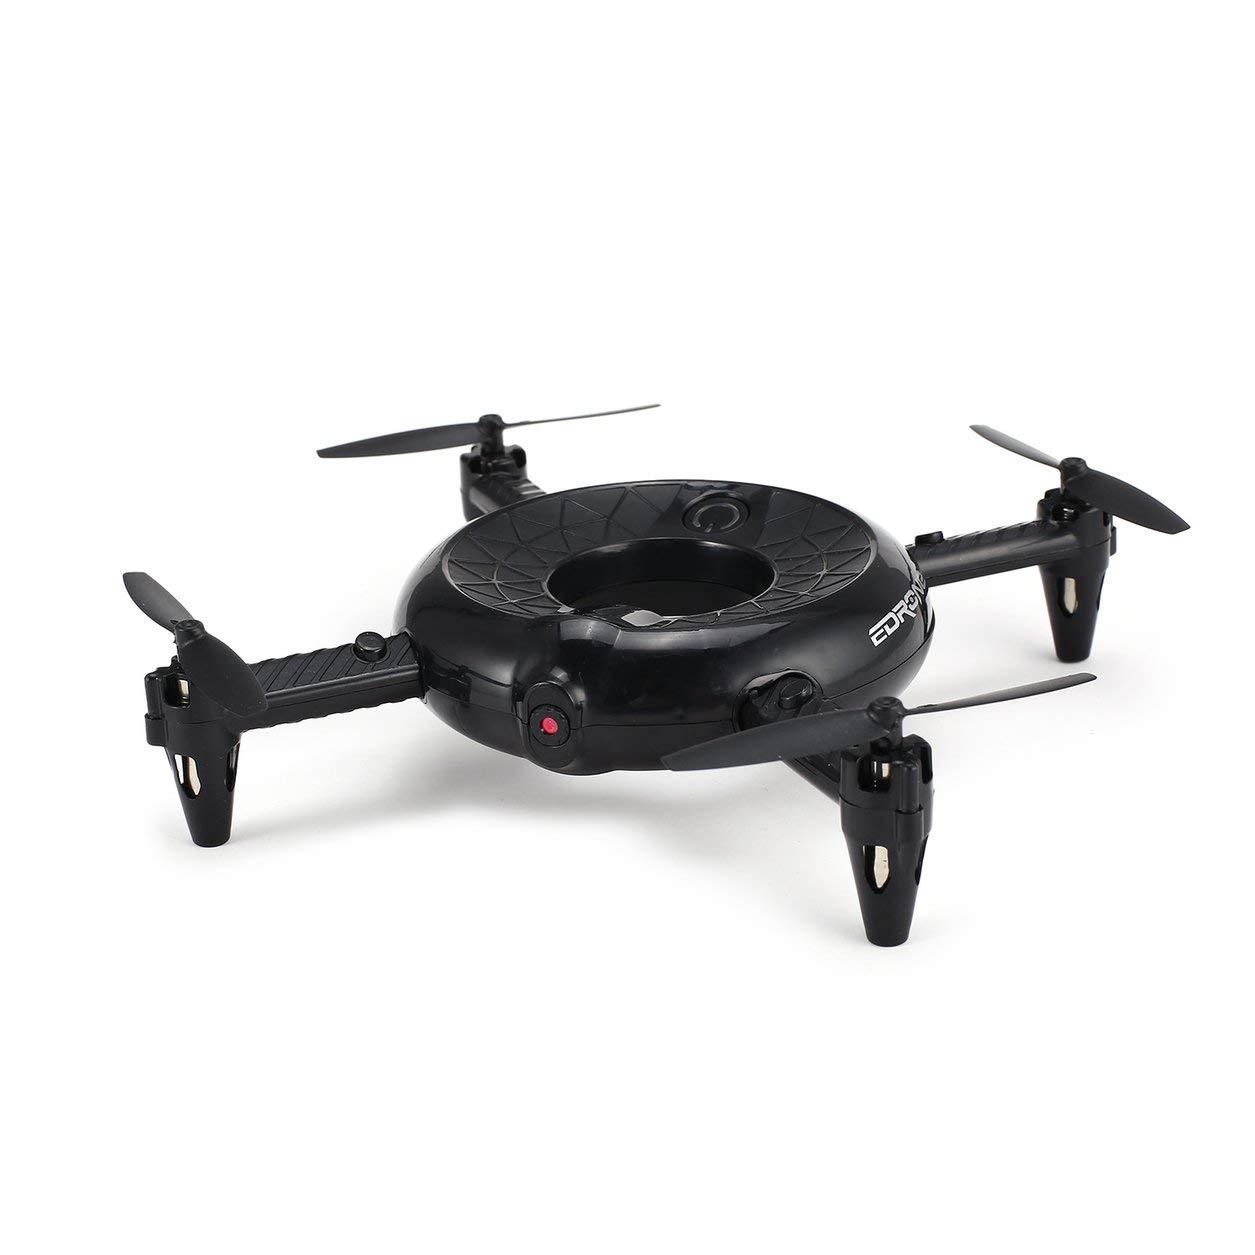 Dailyinshop Utoghter Drone Smart RC Quadcopter mit WiFi-Kamera Echtzeit Höhenlage (Farbe: weiß)